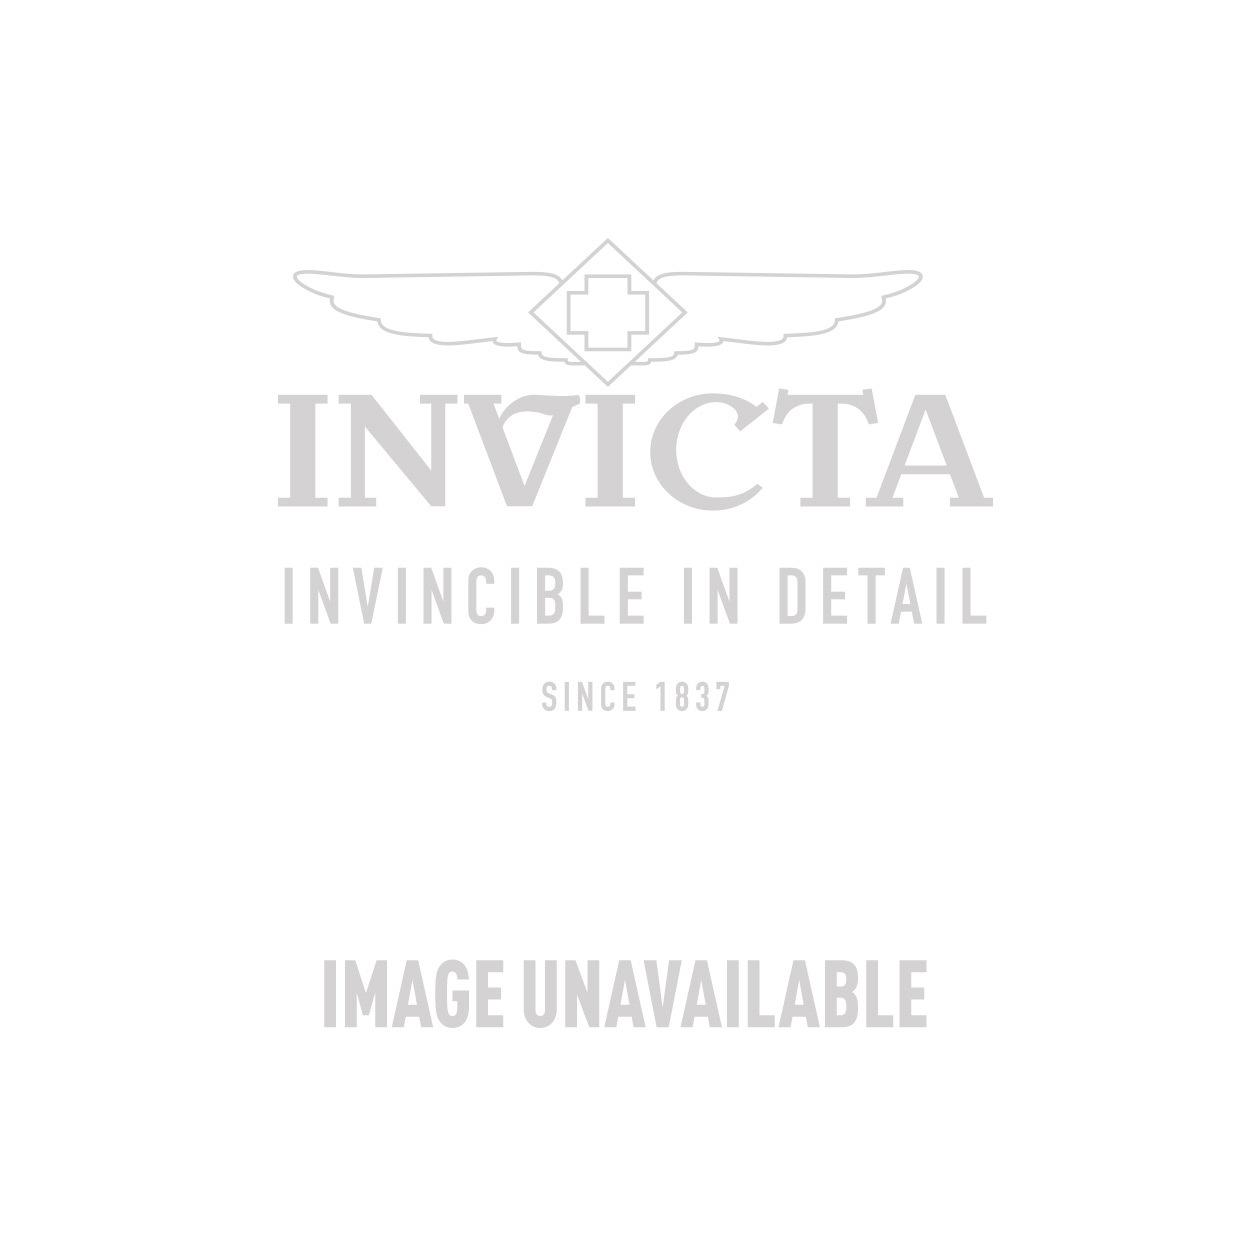 Invicta Model 25873